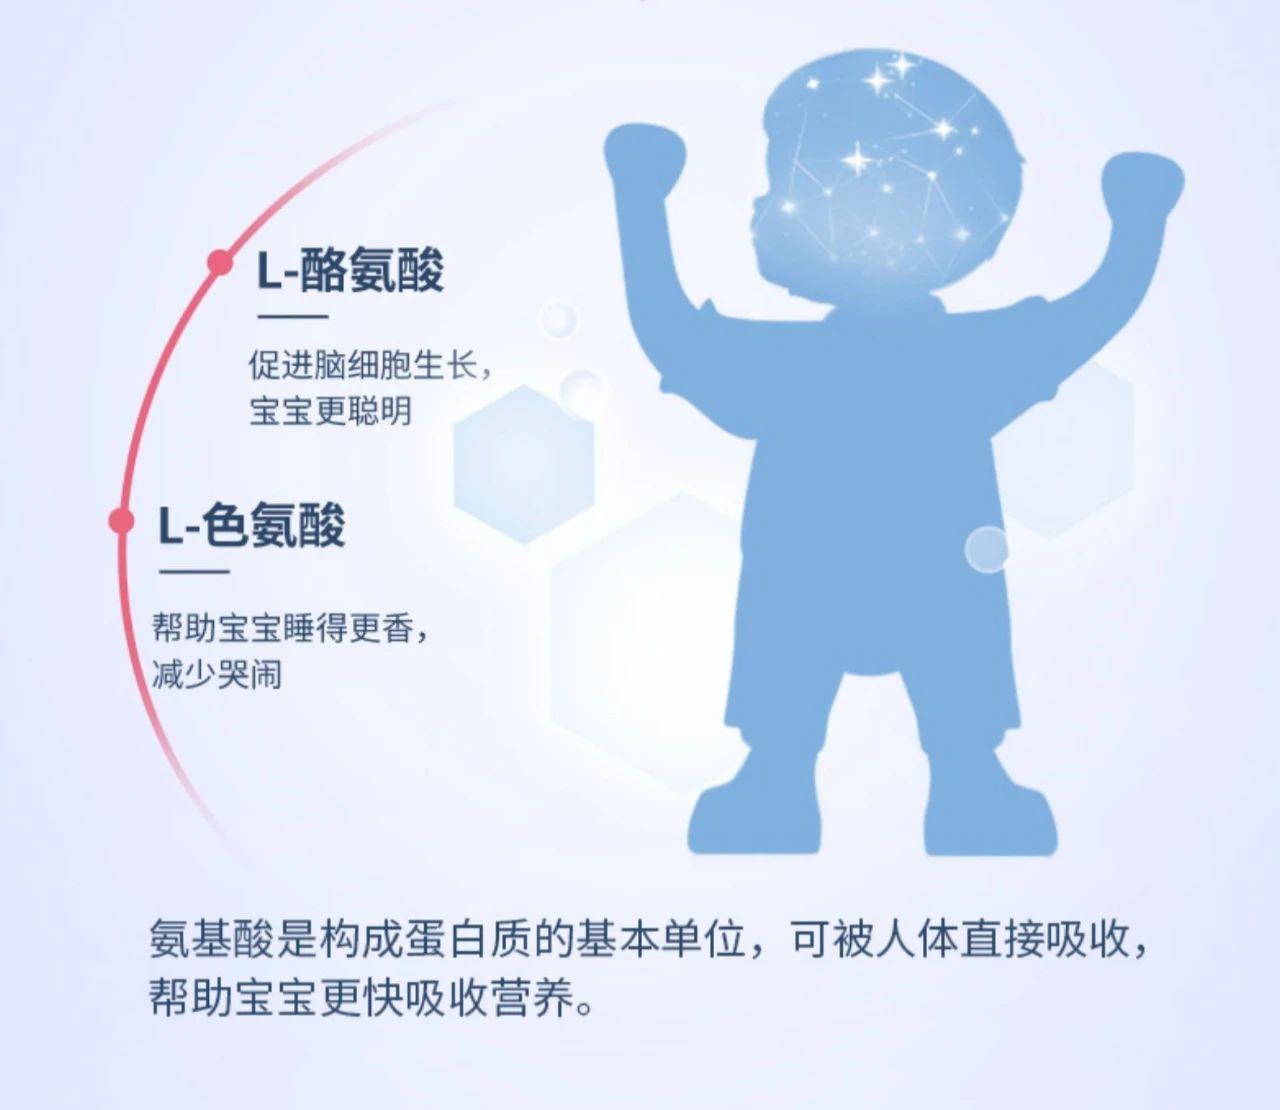 微信图片_20200720154132.jpg